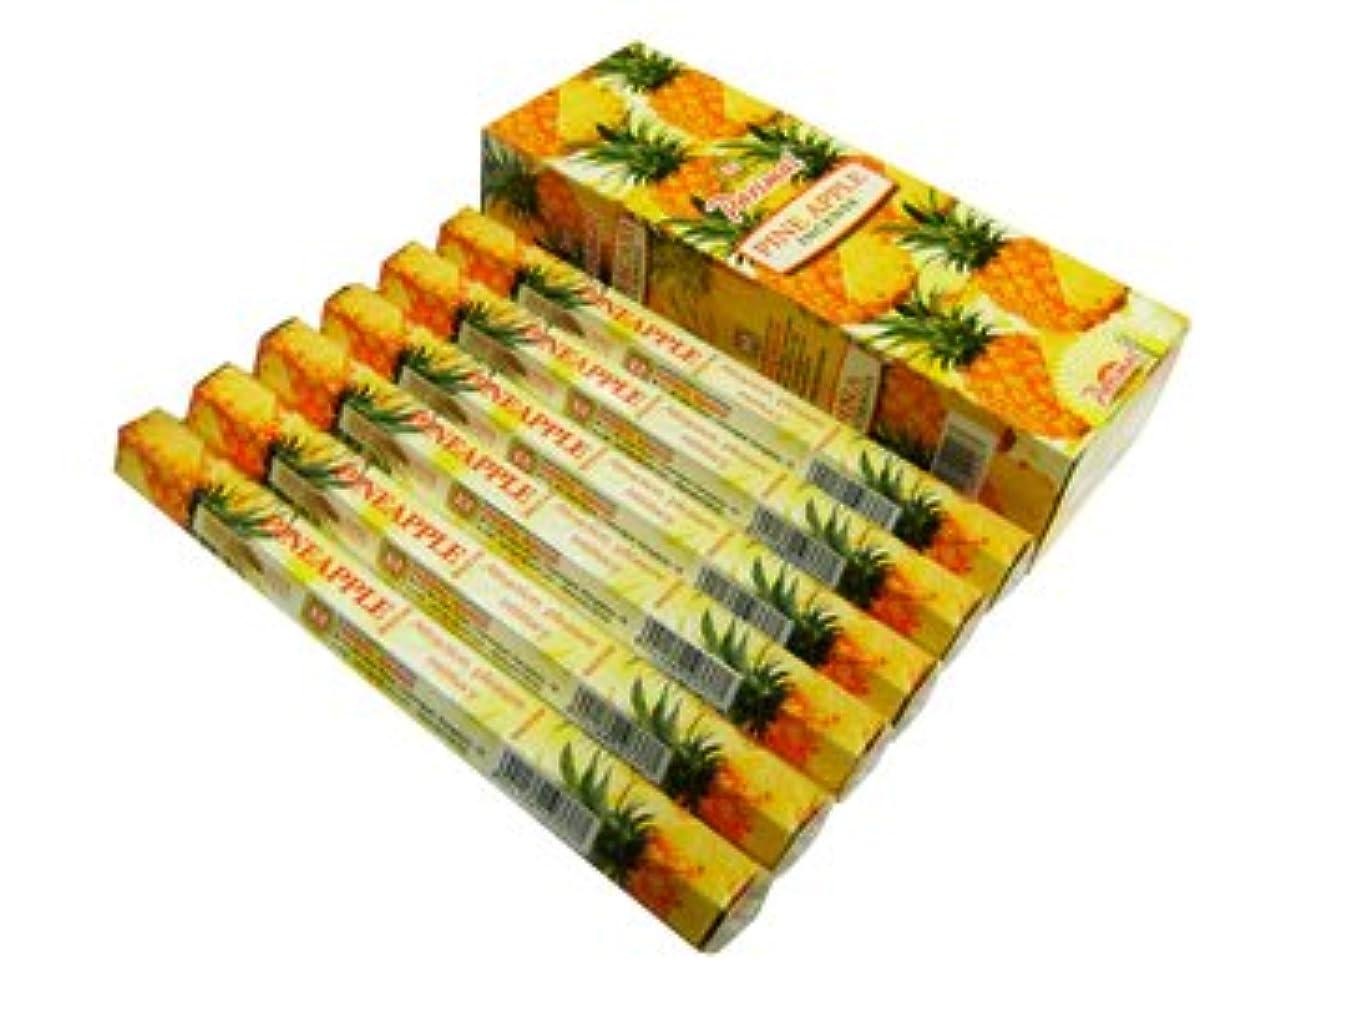 ボーダーますます十代PARIMAL(パリマル) パイナップル香 スティック PINEAPPLE 6箱セット